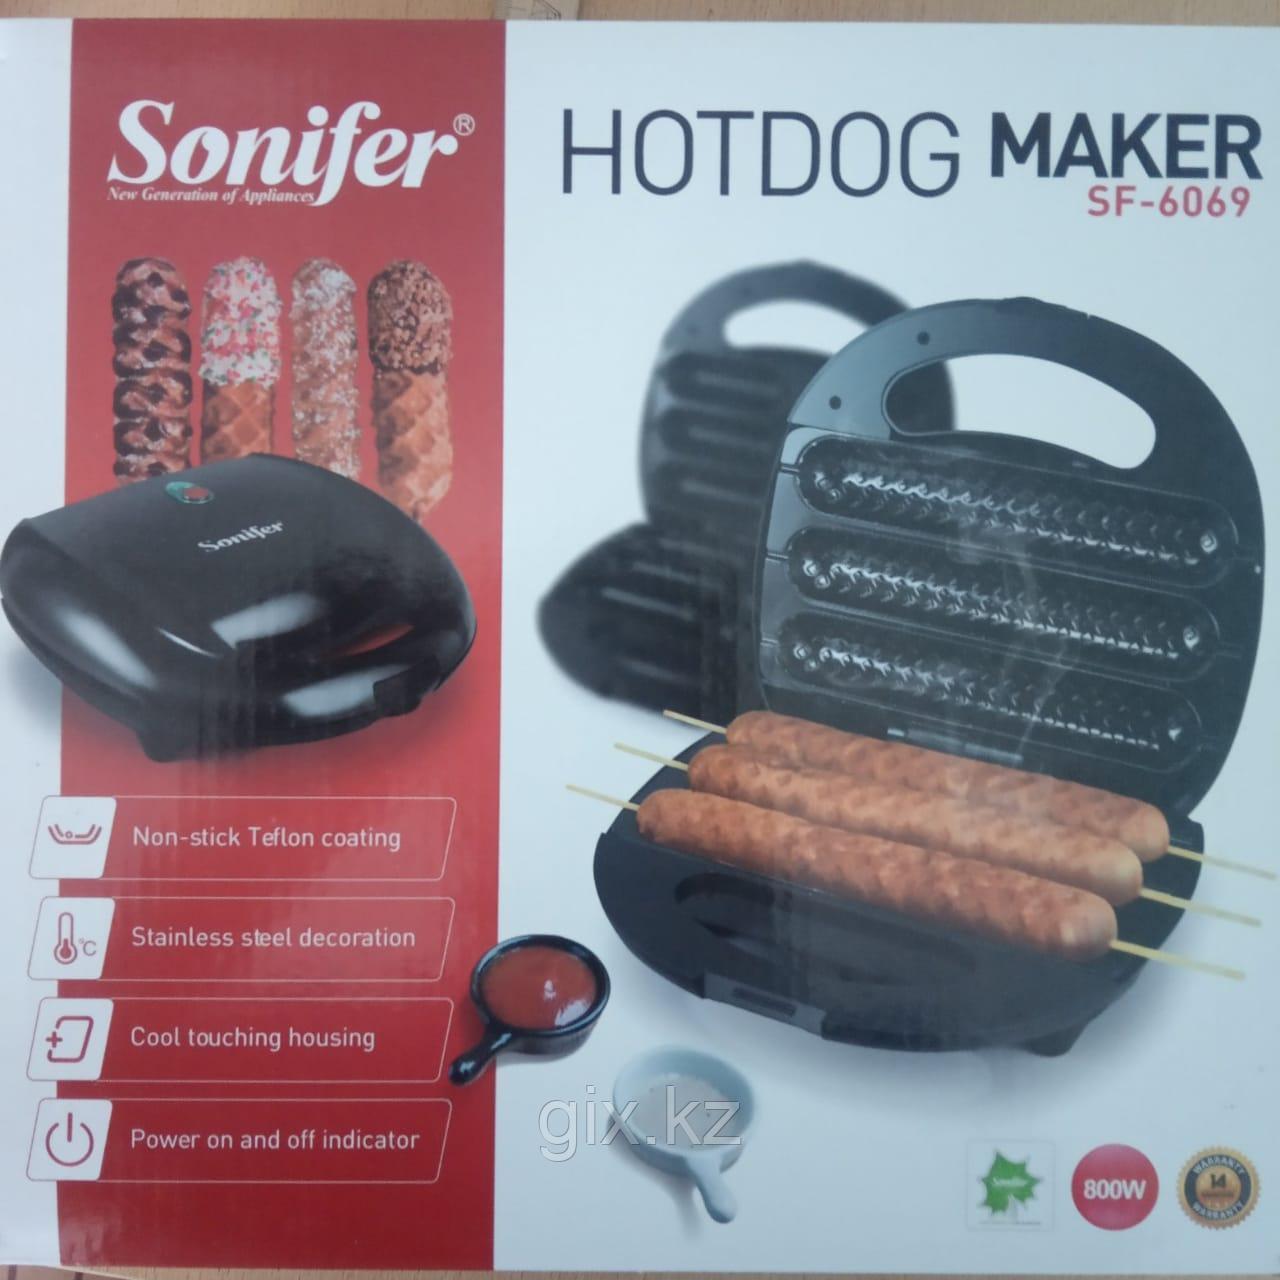 Сосисочница Sonifer hotdog maker SF-6069